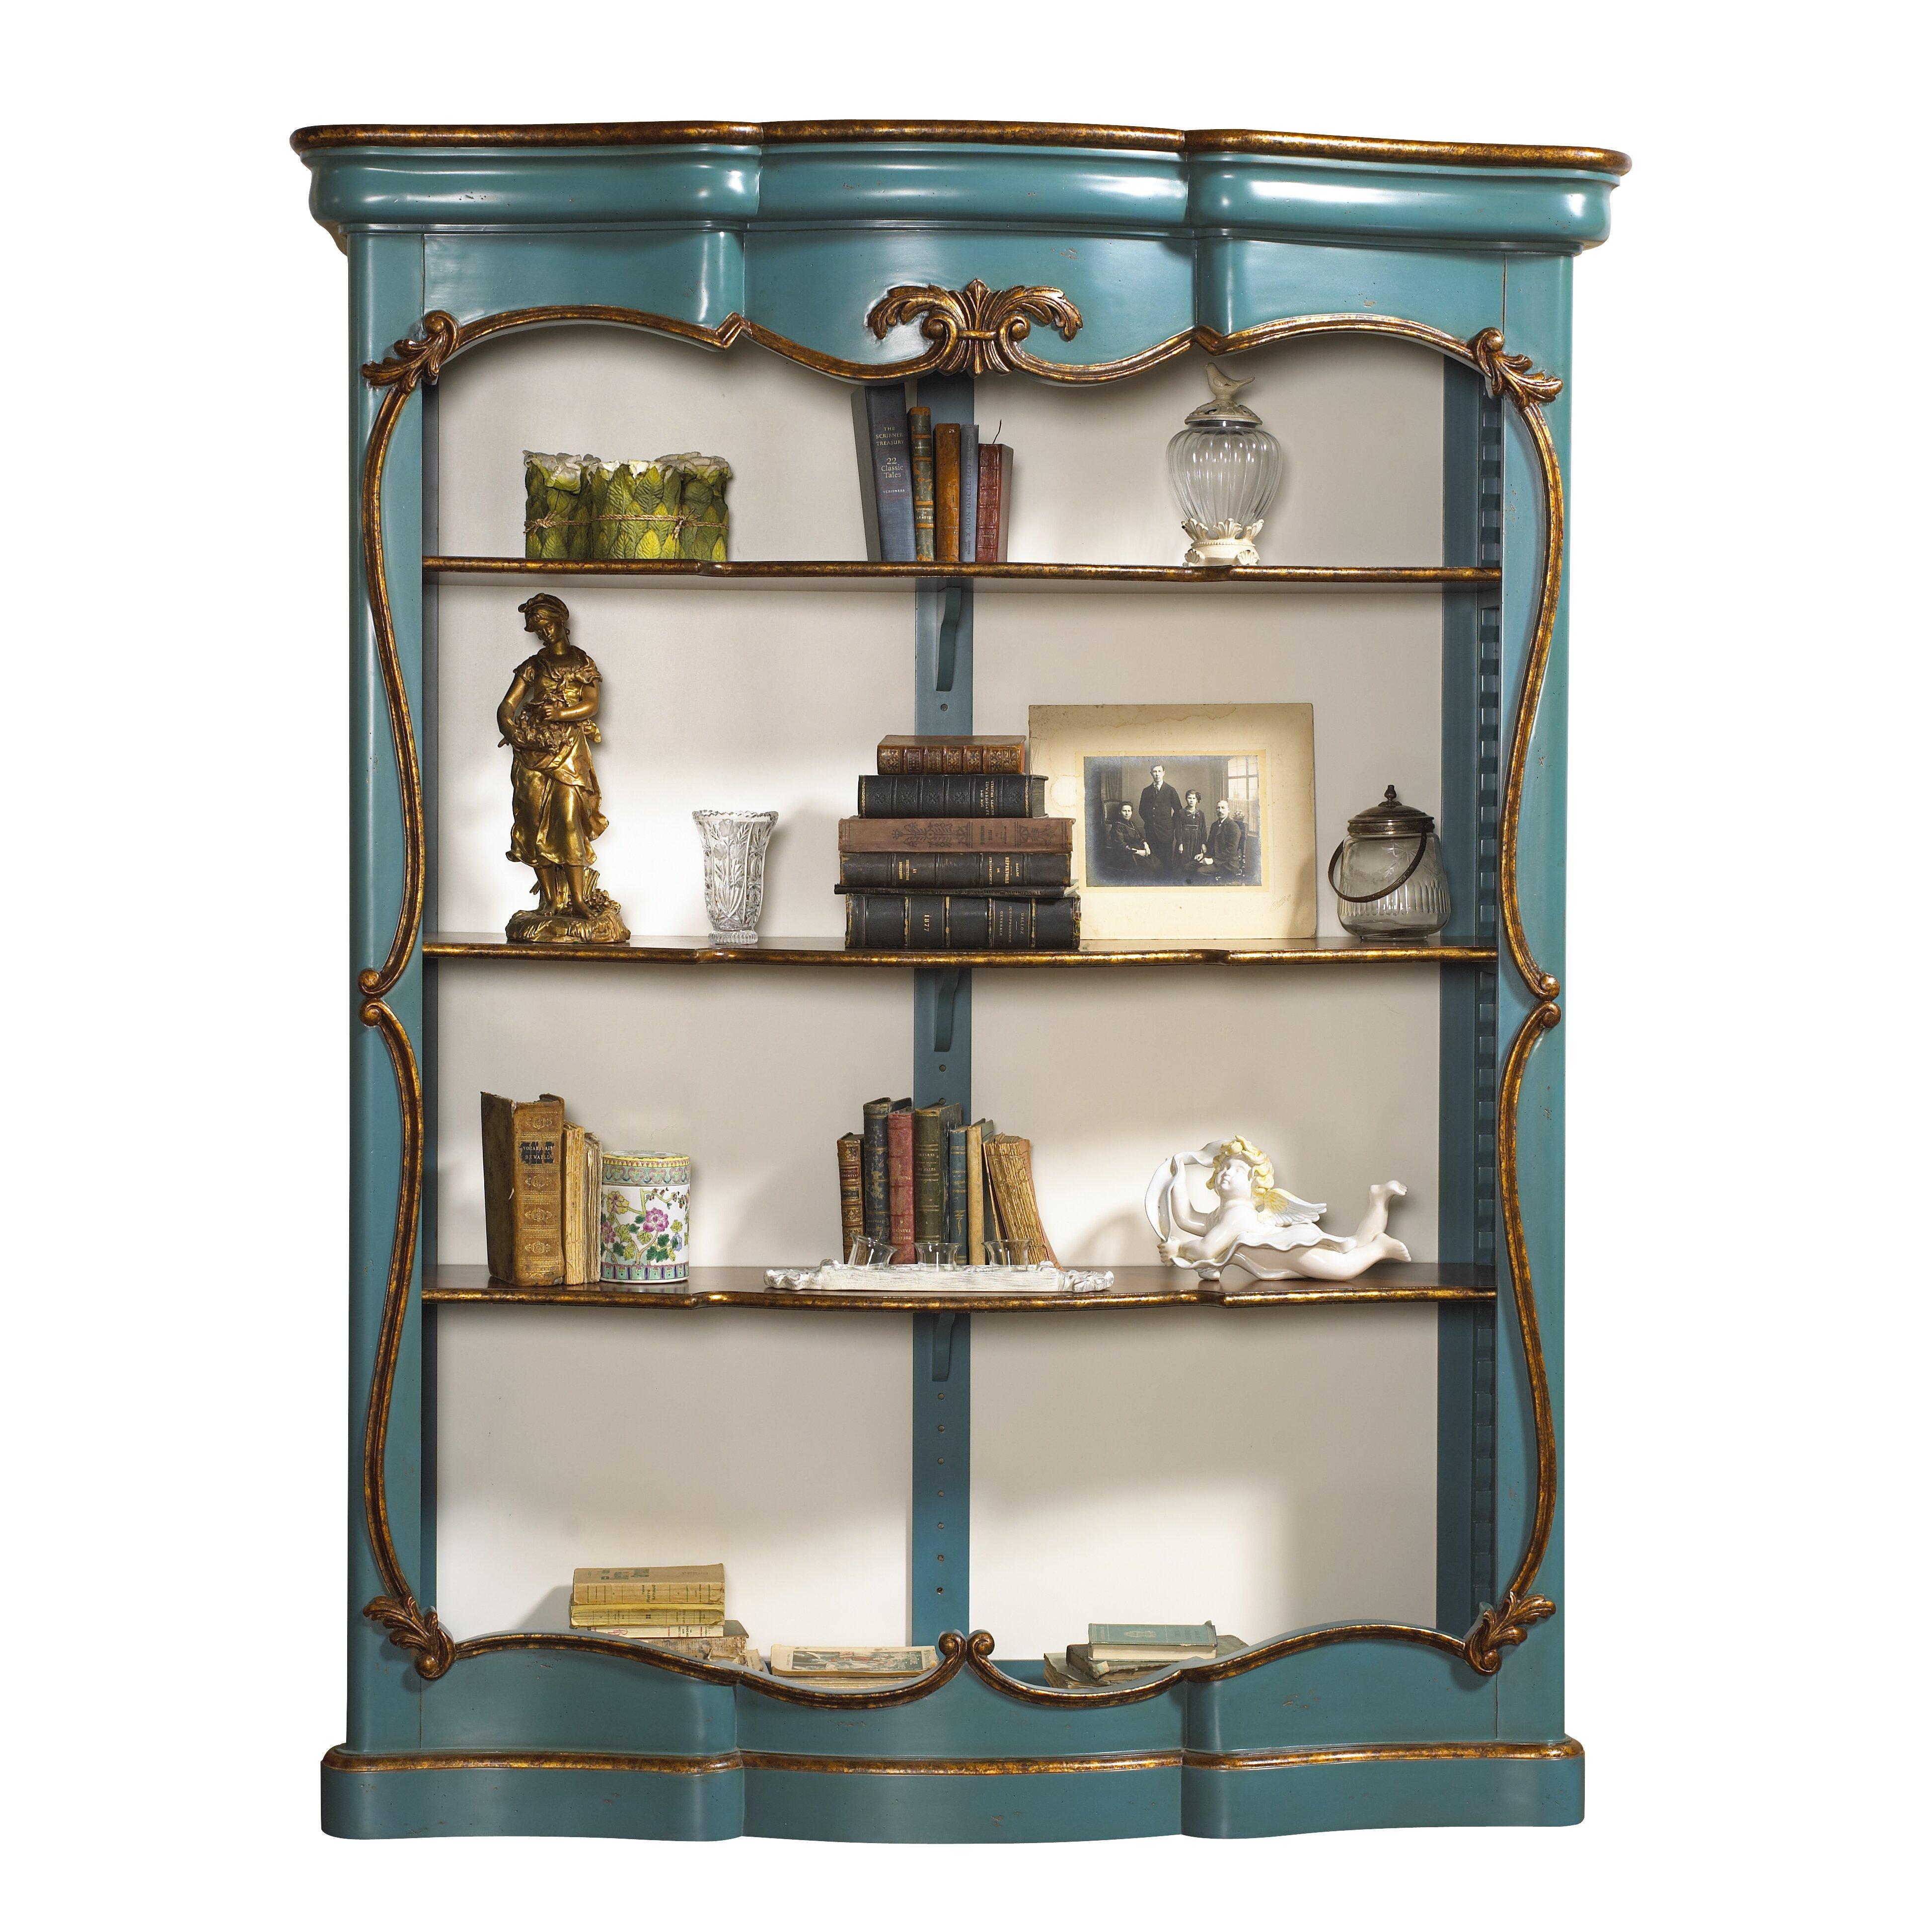 Шкаф книжный открытый цвета бирюзы chenonceau, french herita.